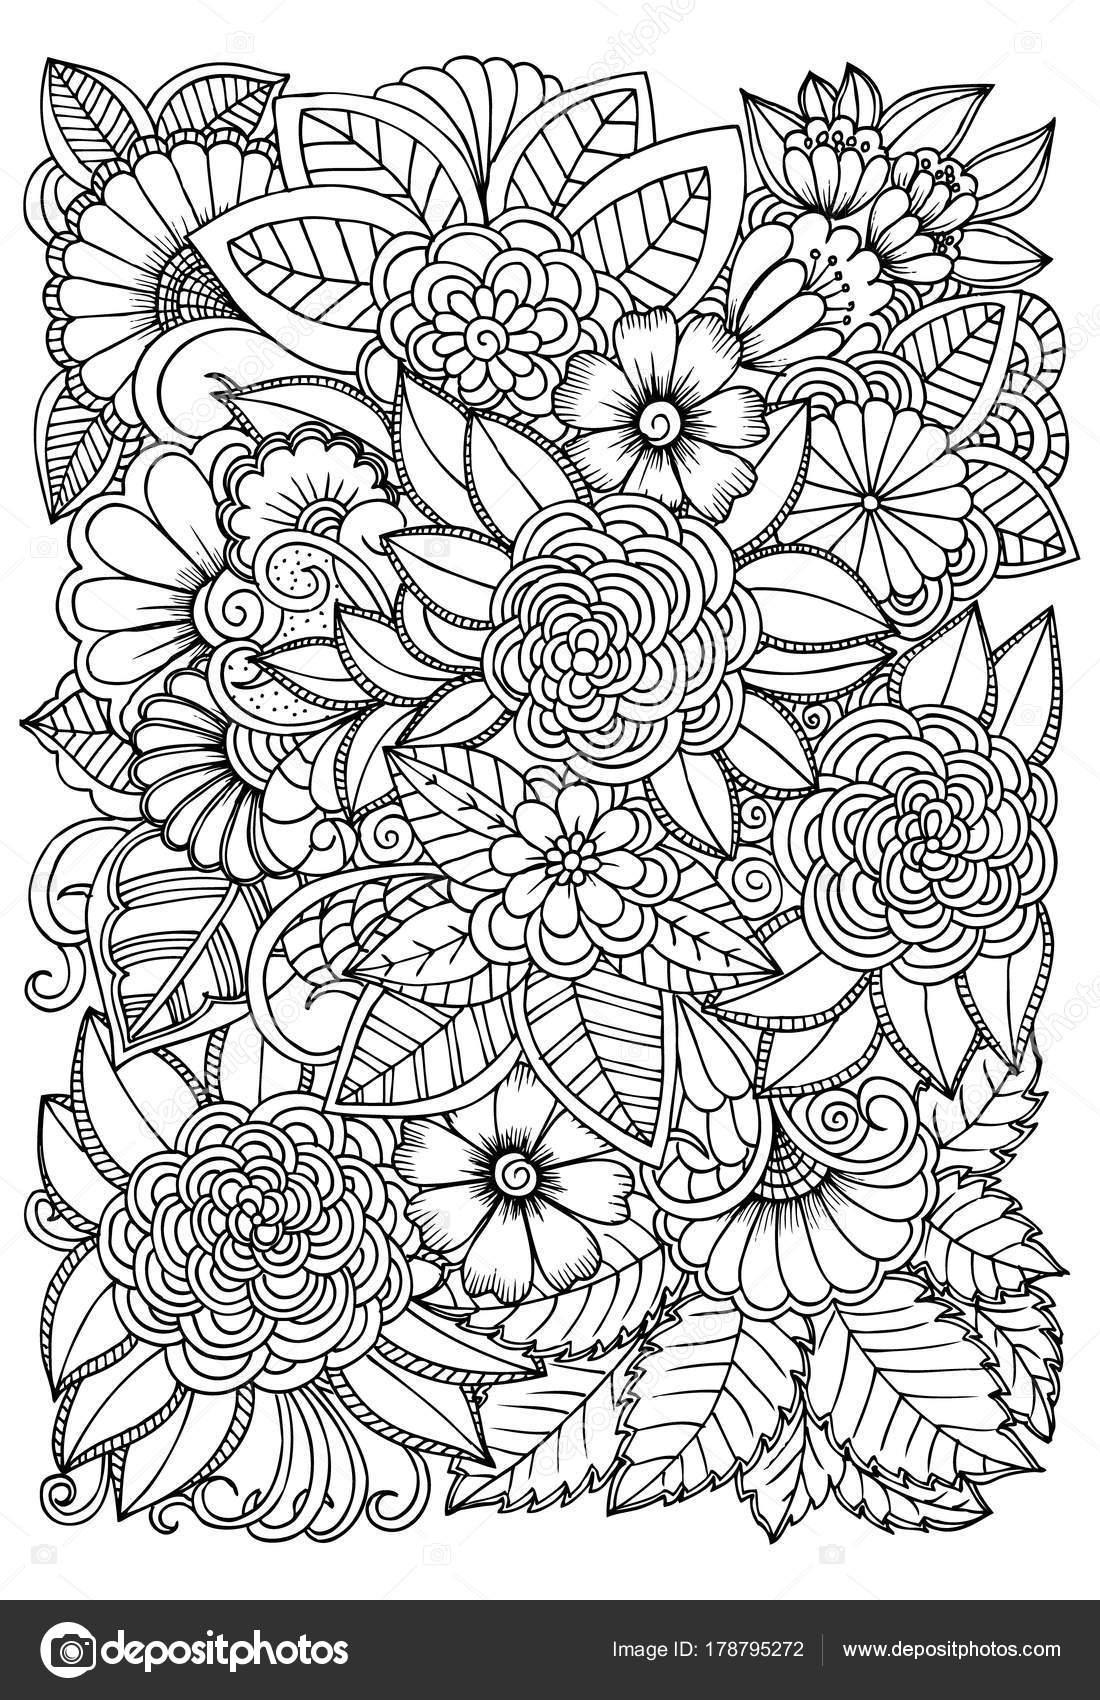 Preto E Branco Padrão De Flor Para Colorir Doodle Drawi